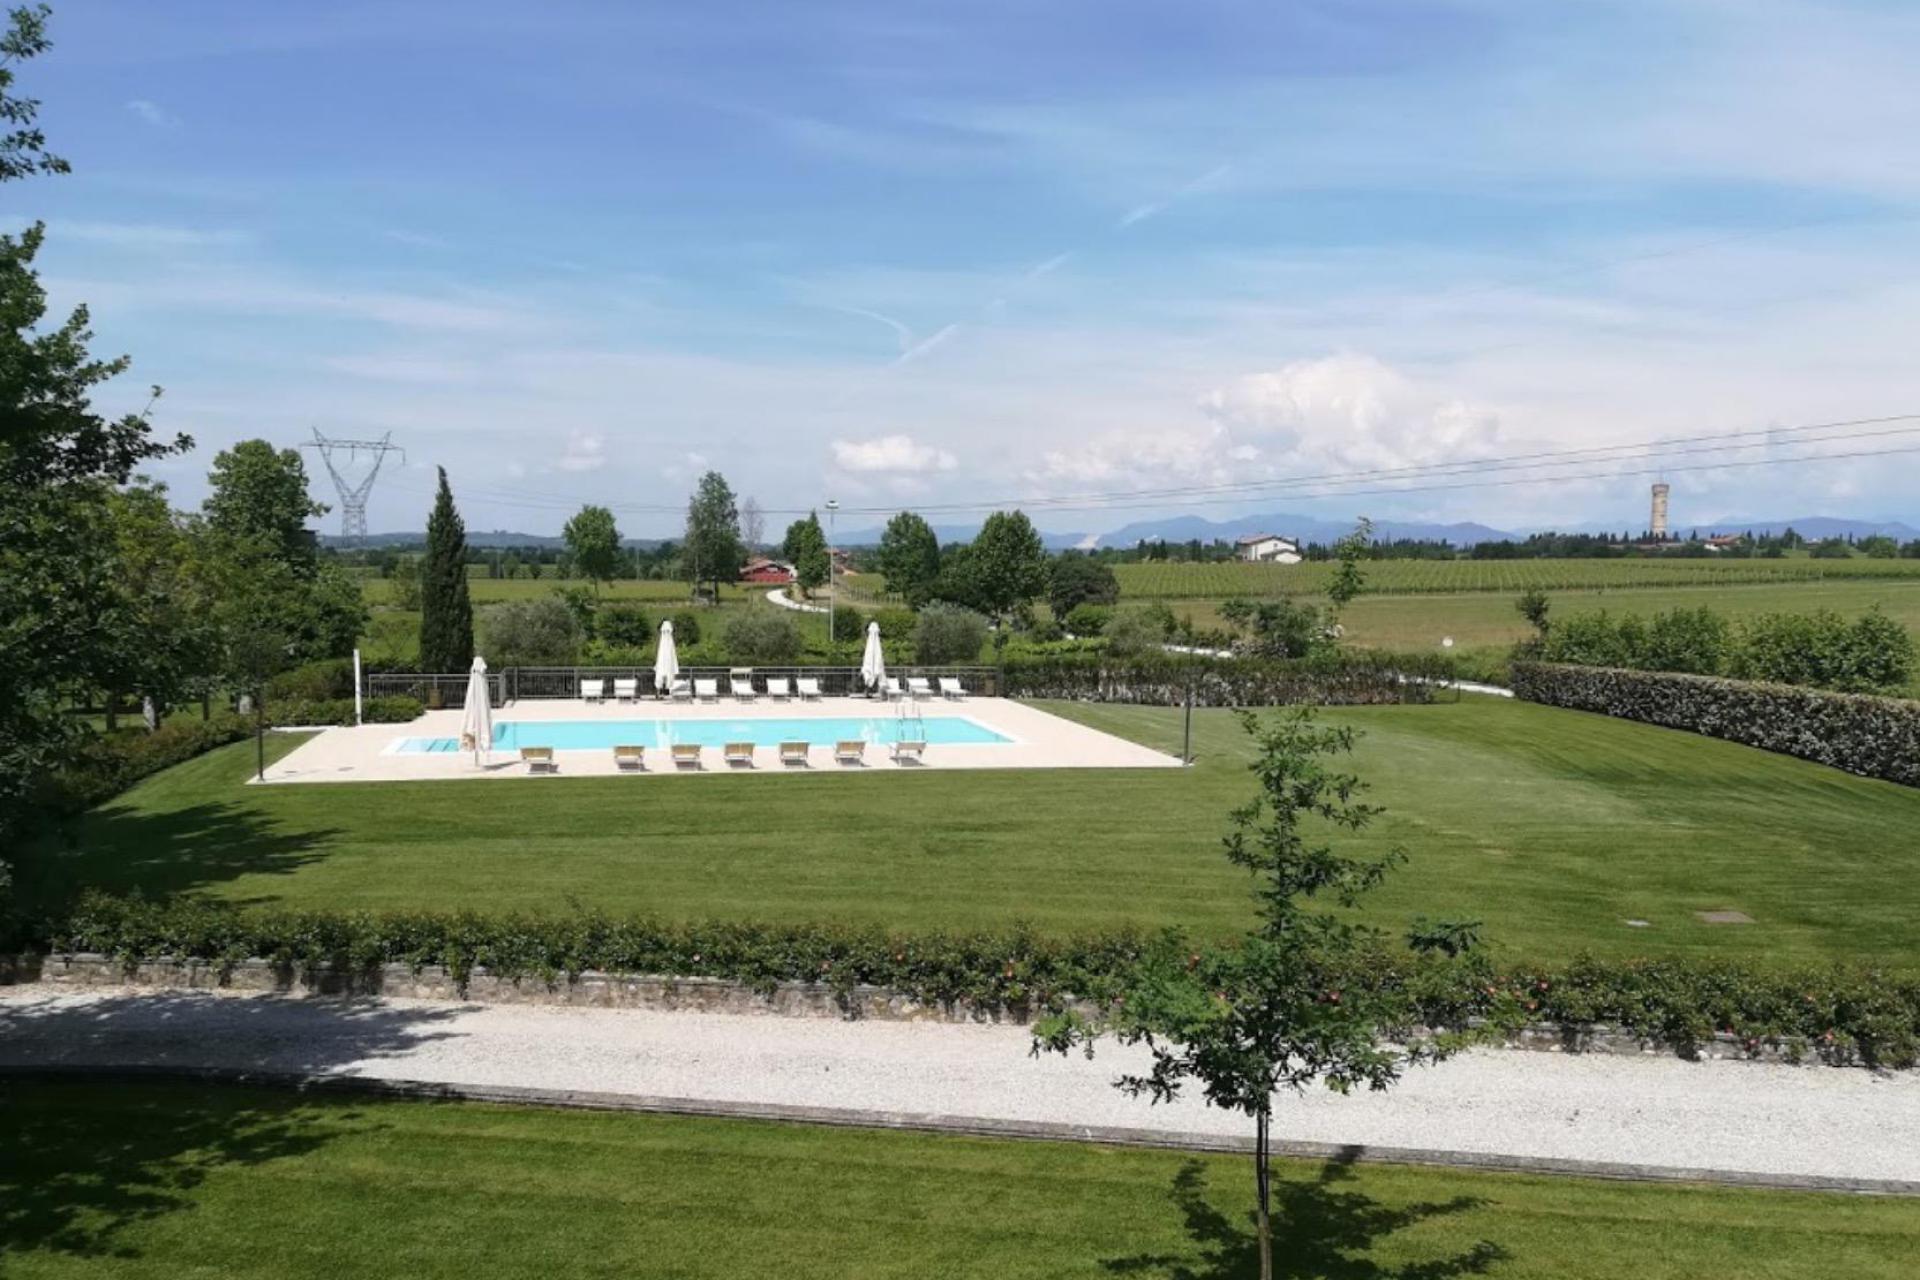 Agriturismo Comer See und Gardasee Agriturismo in der Nähe eines Golfplatzes - Gardasee   myitalyselection.de